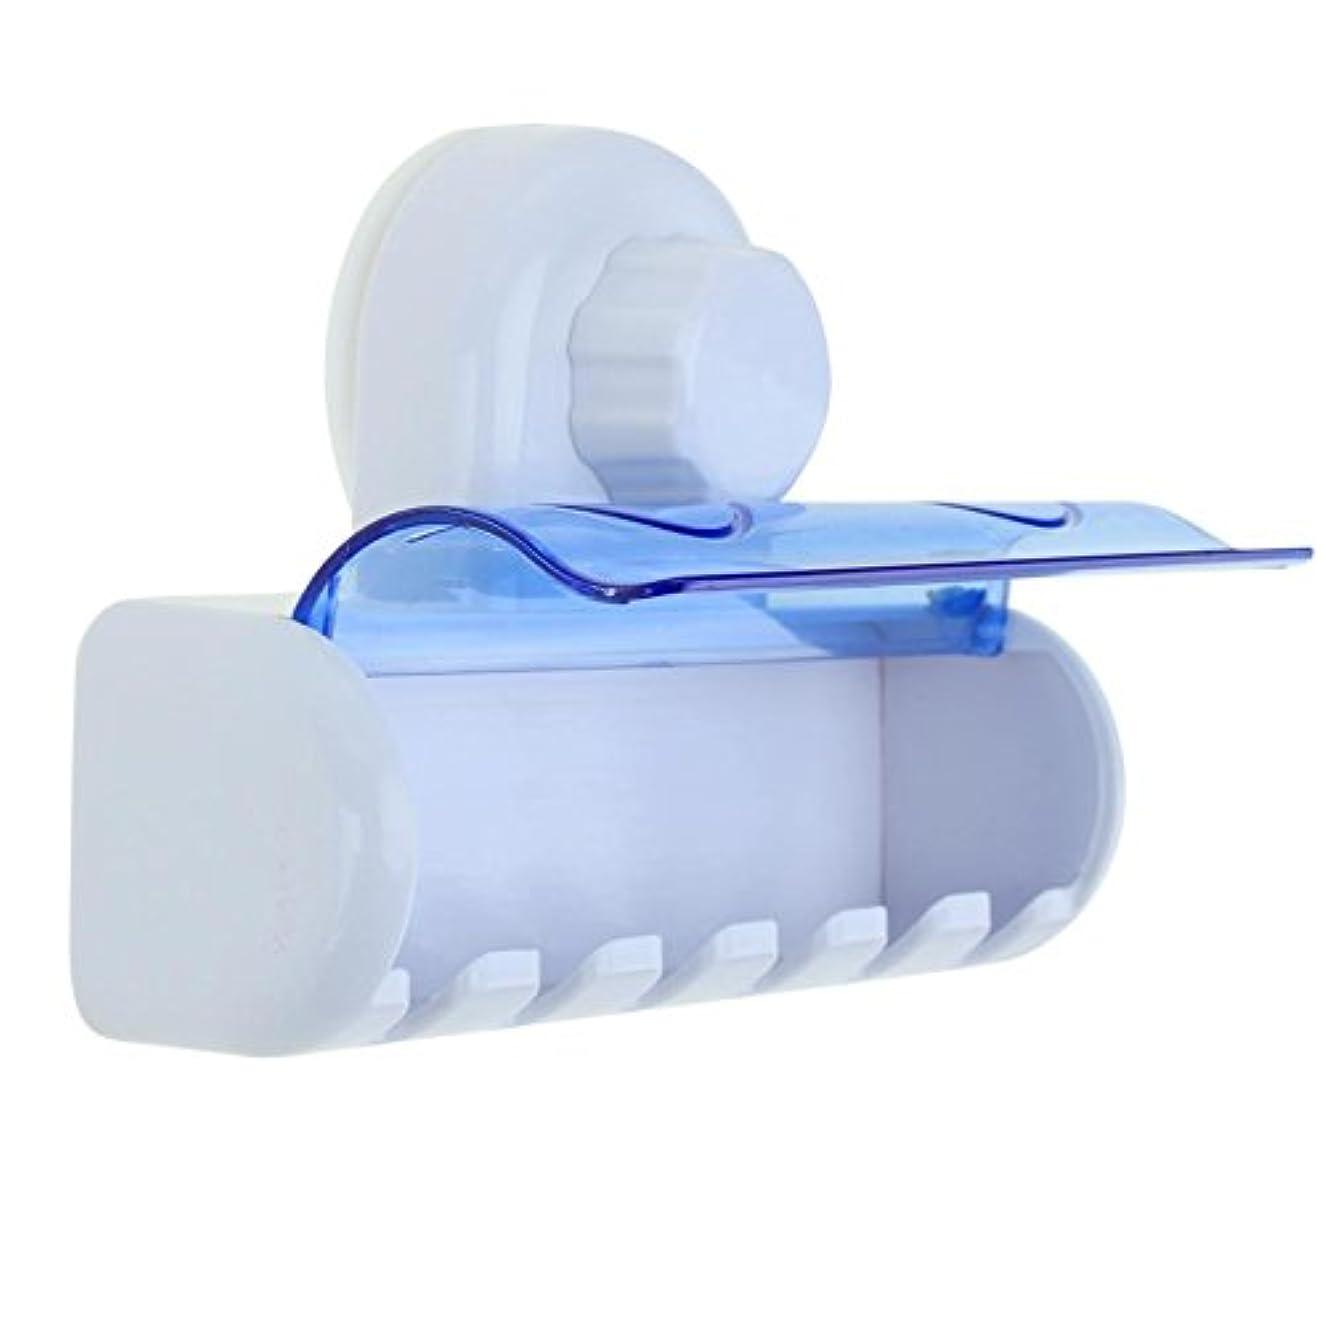 平手打ち発見白鳥Demiawaking 強力吸盤付き ハブラシラック 歯ブラシ6本収納対応 取り付け簡単 壁掛け ハブラシホルダー